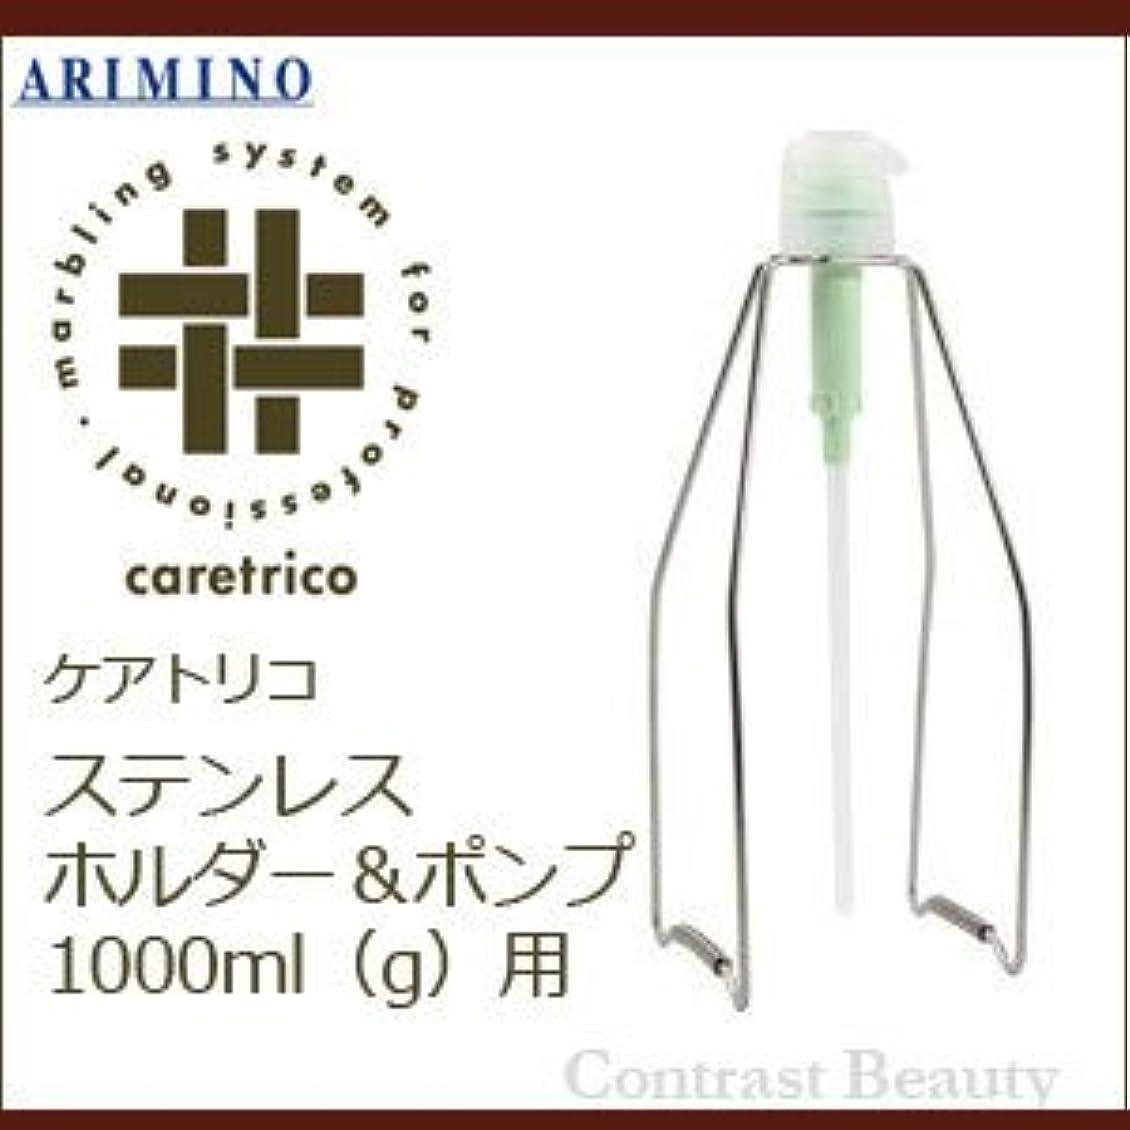 アリミノ ケアトリコ 1000ml(g)用 ステンレス ホルダー&ポンプ